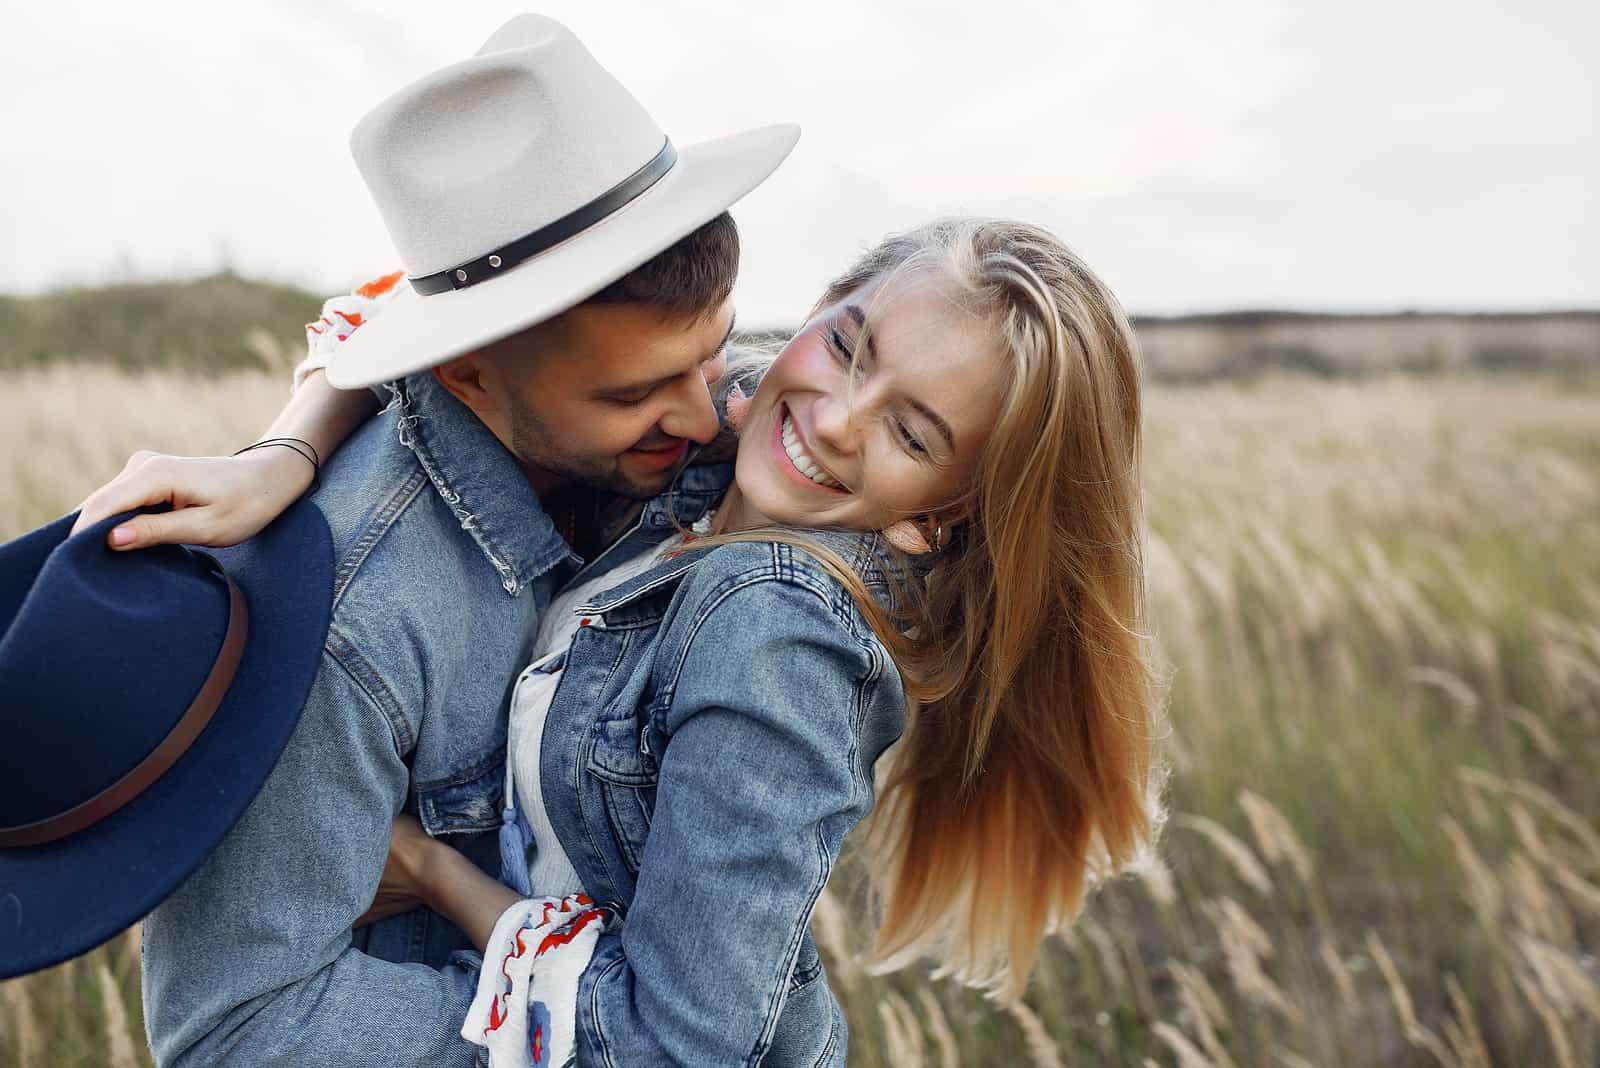 un homme et une femme embrassant dans un champ debout et riant